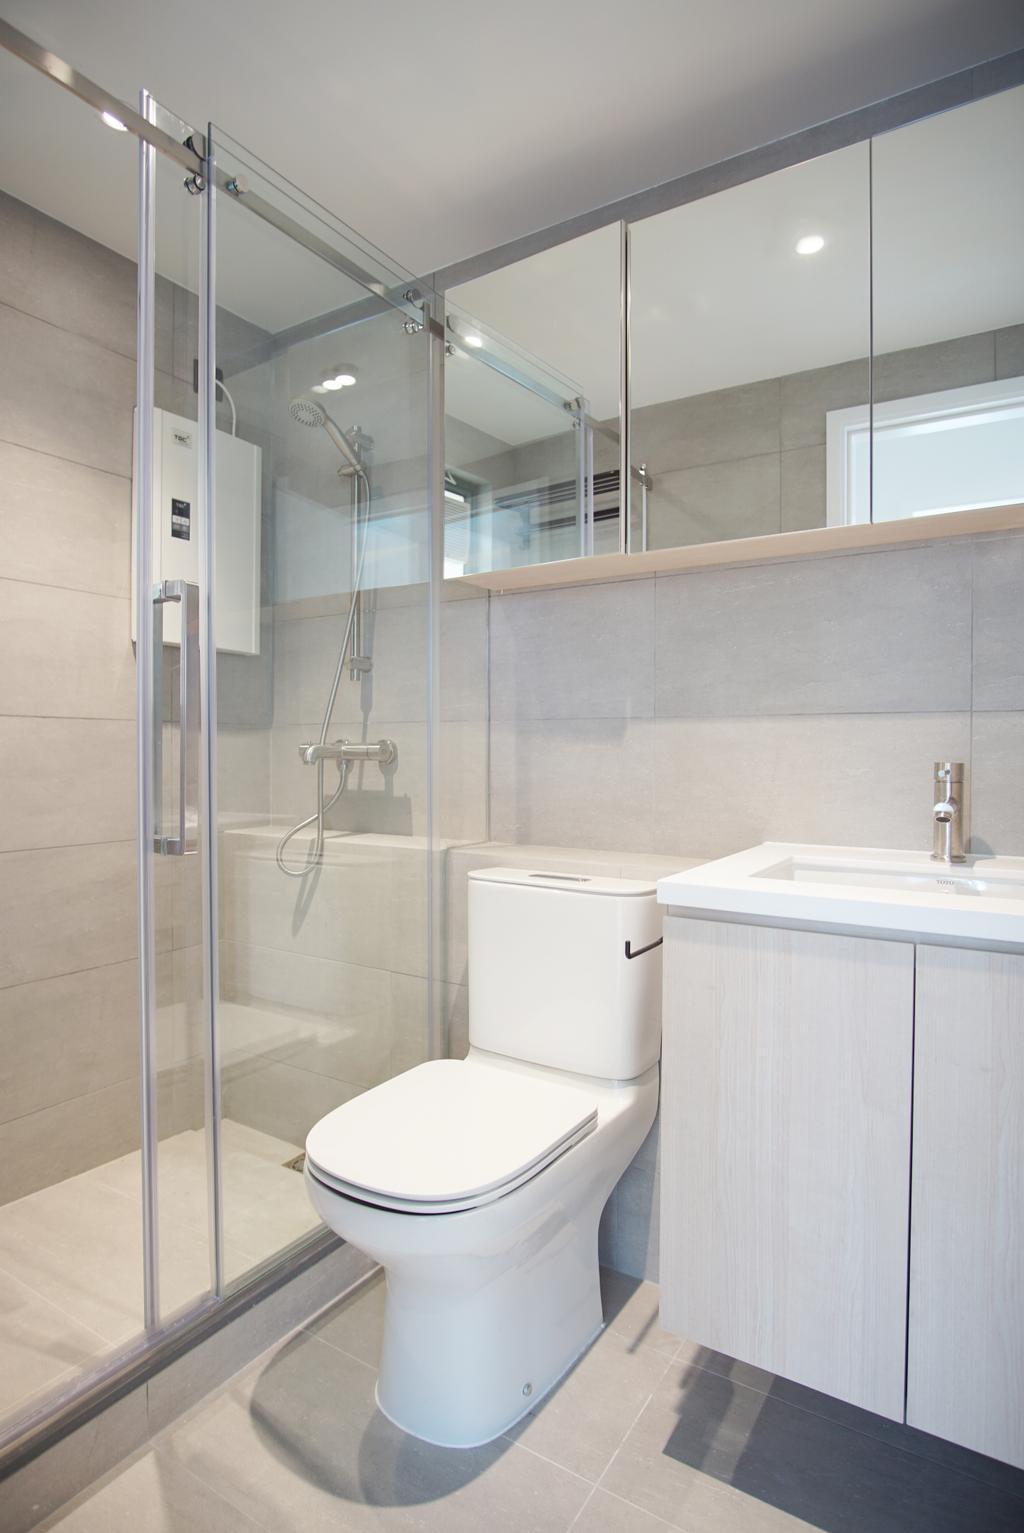 摩登, 私家樓, 浴室, 維港灣, 室內設計師, AQUA Projects, 當代